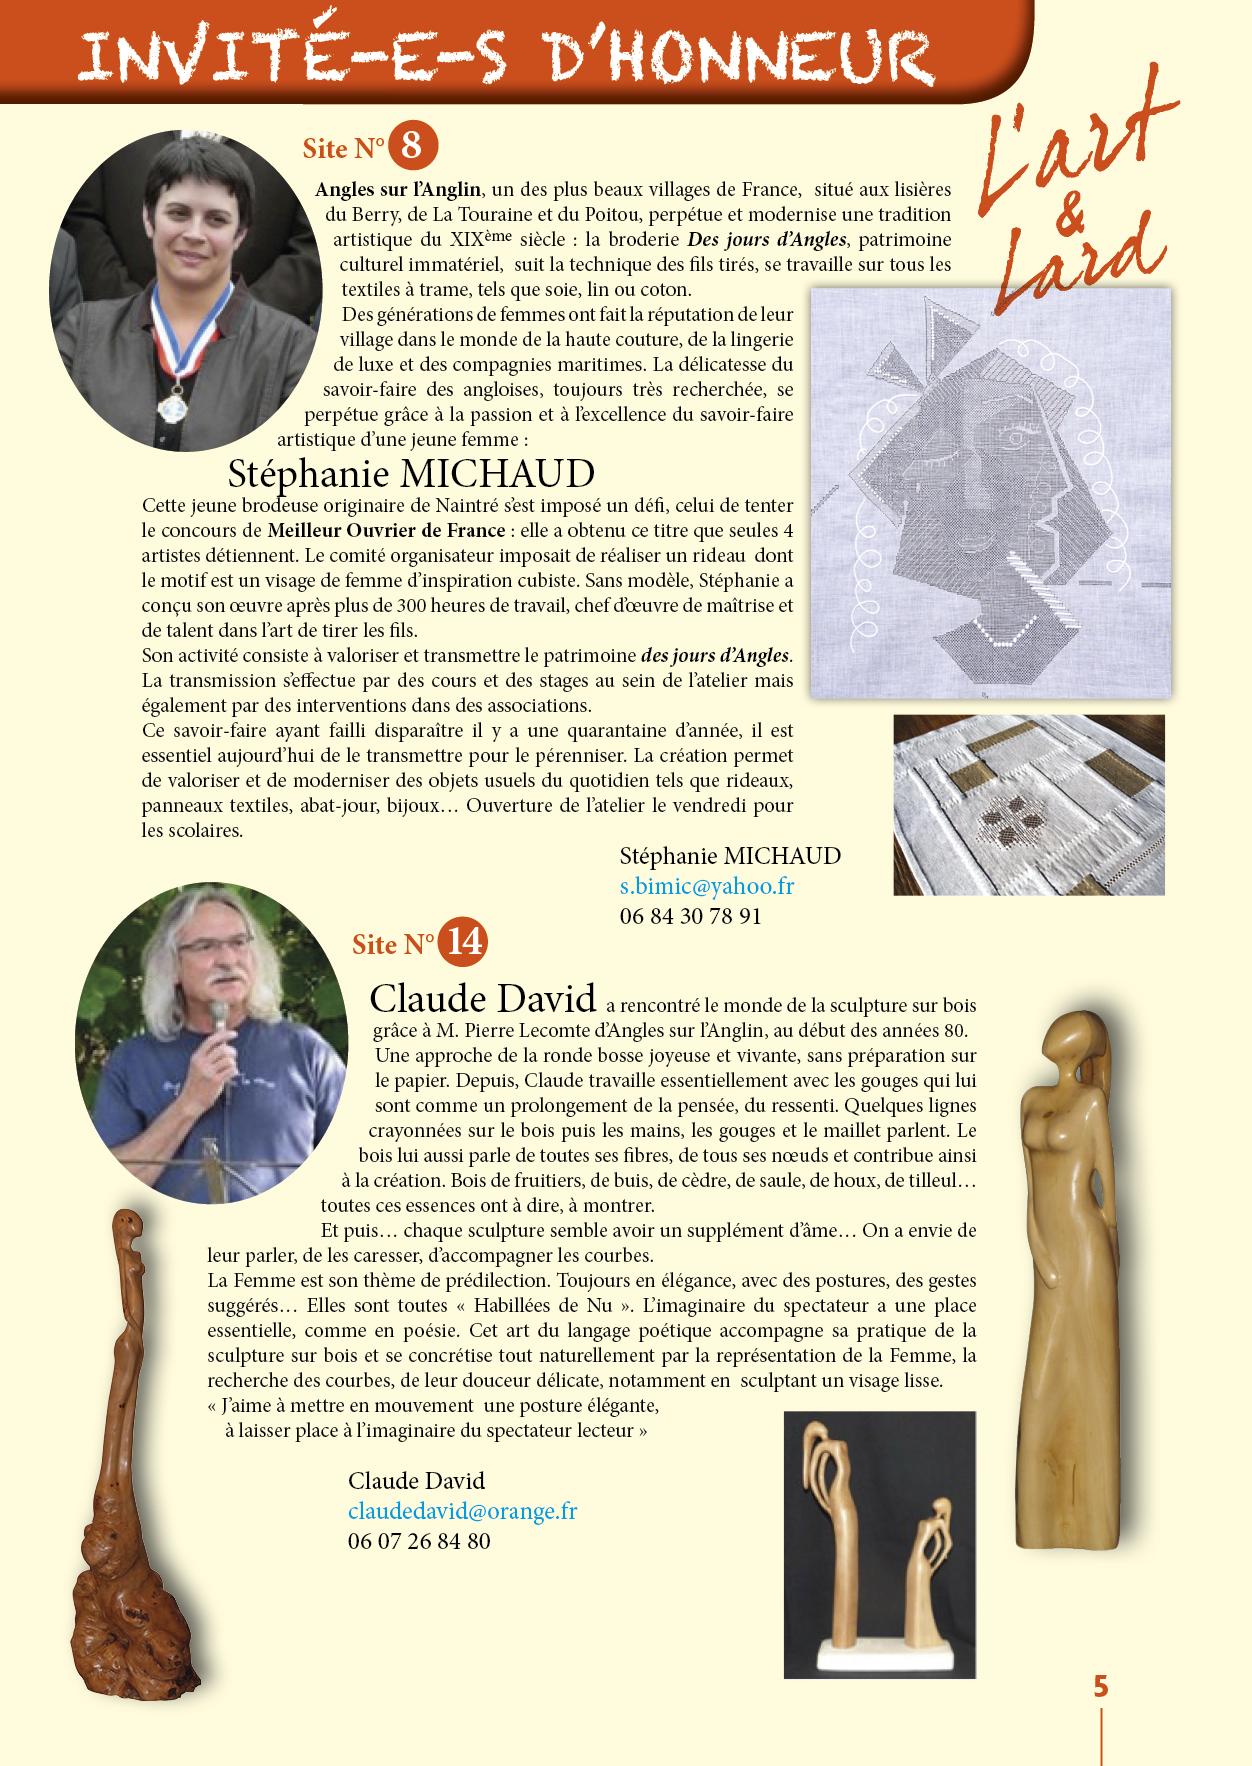 l-art-et-lard/16-pages-l-art-et-lard-2019p5.jpg